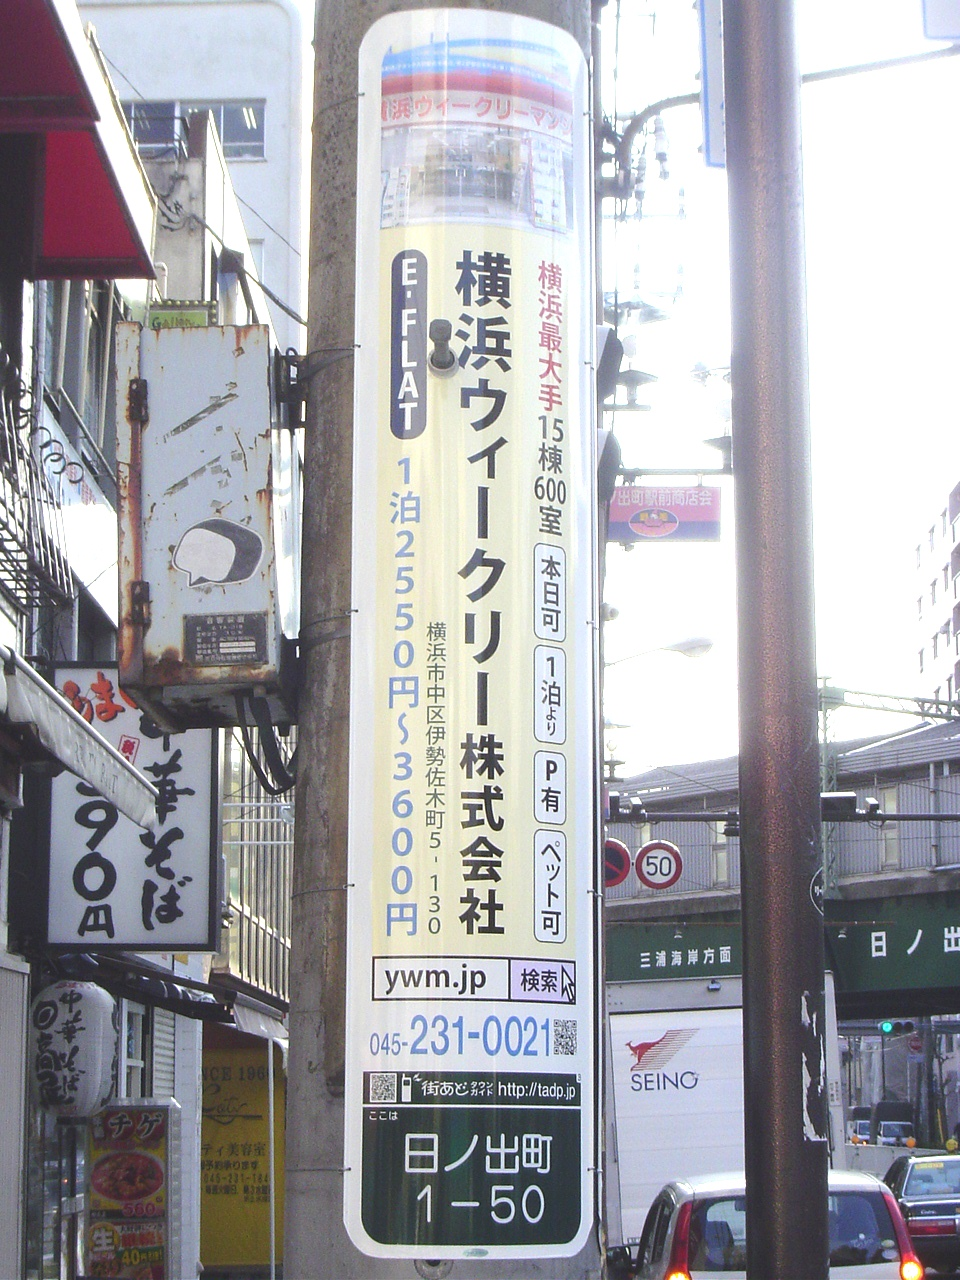 横浜ウィークリー株式会社 様